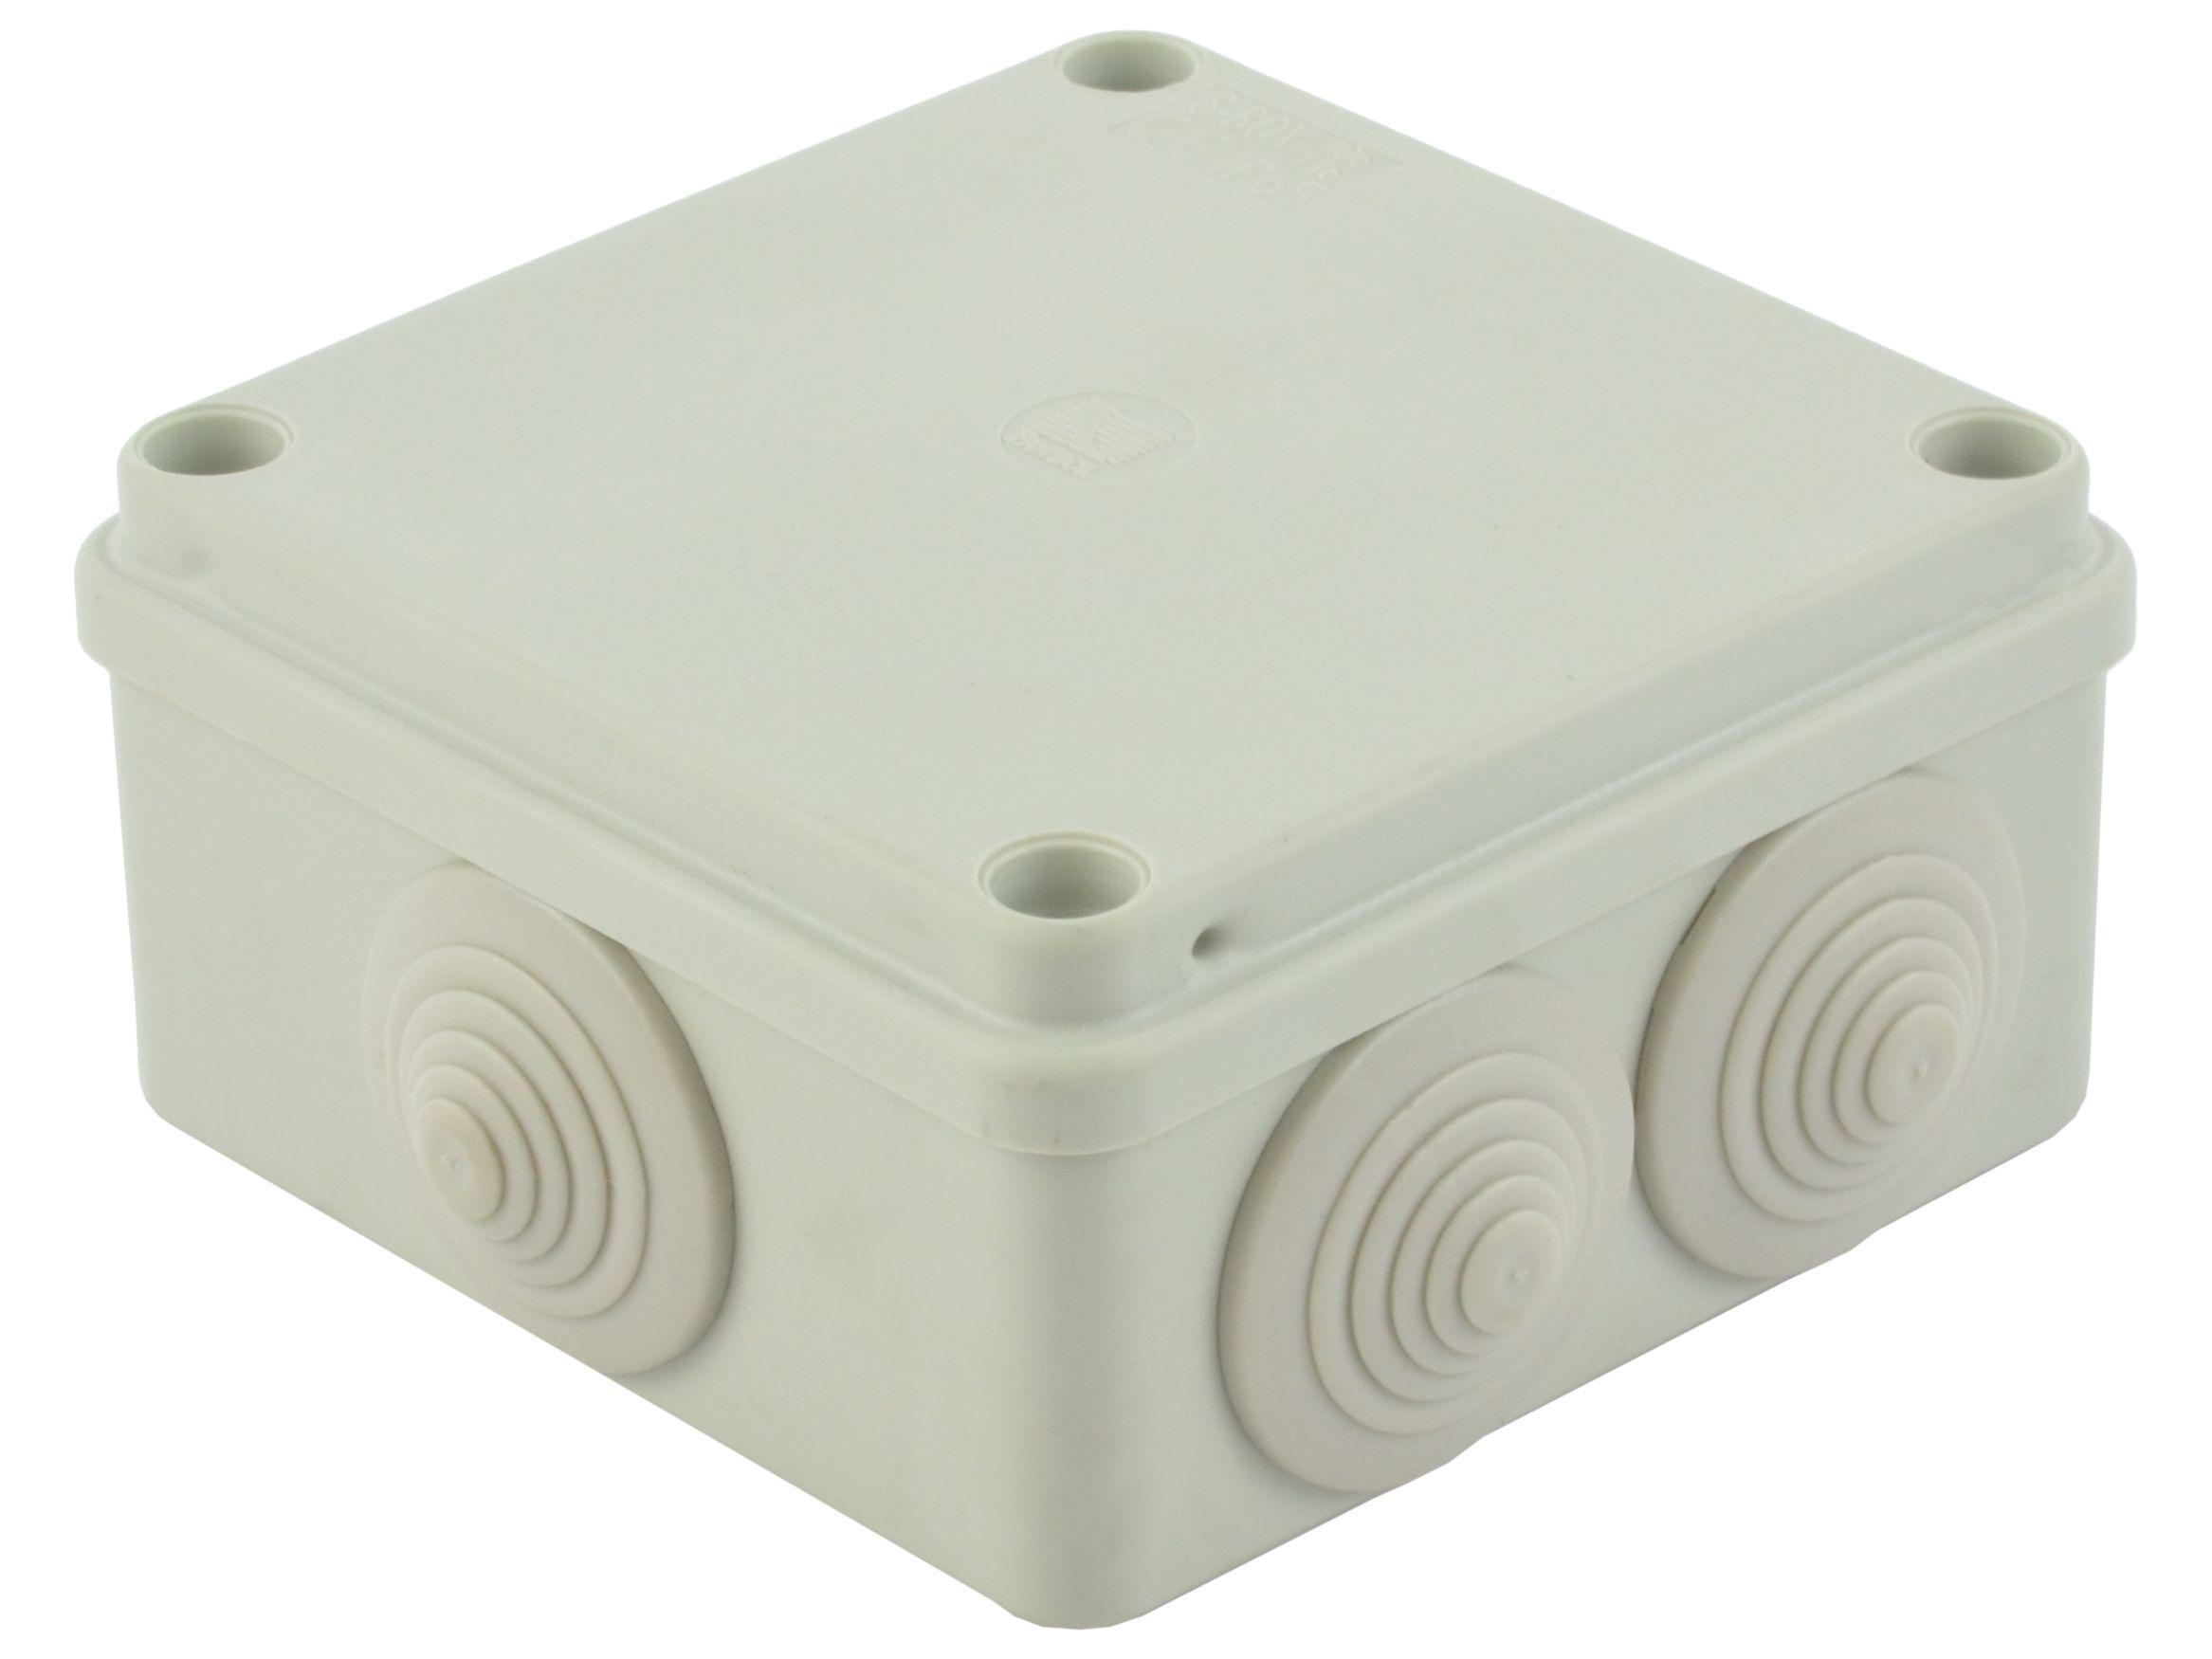 Puszka obudowa na tynk hermetyczna 10x10x5cm IP65